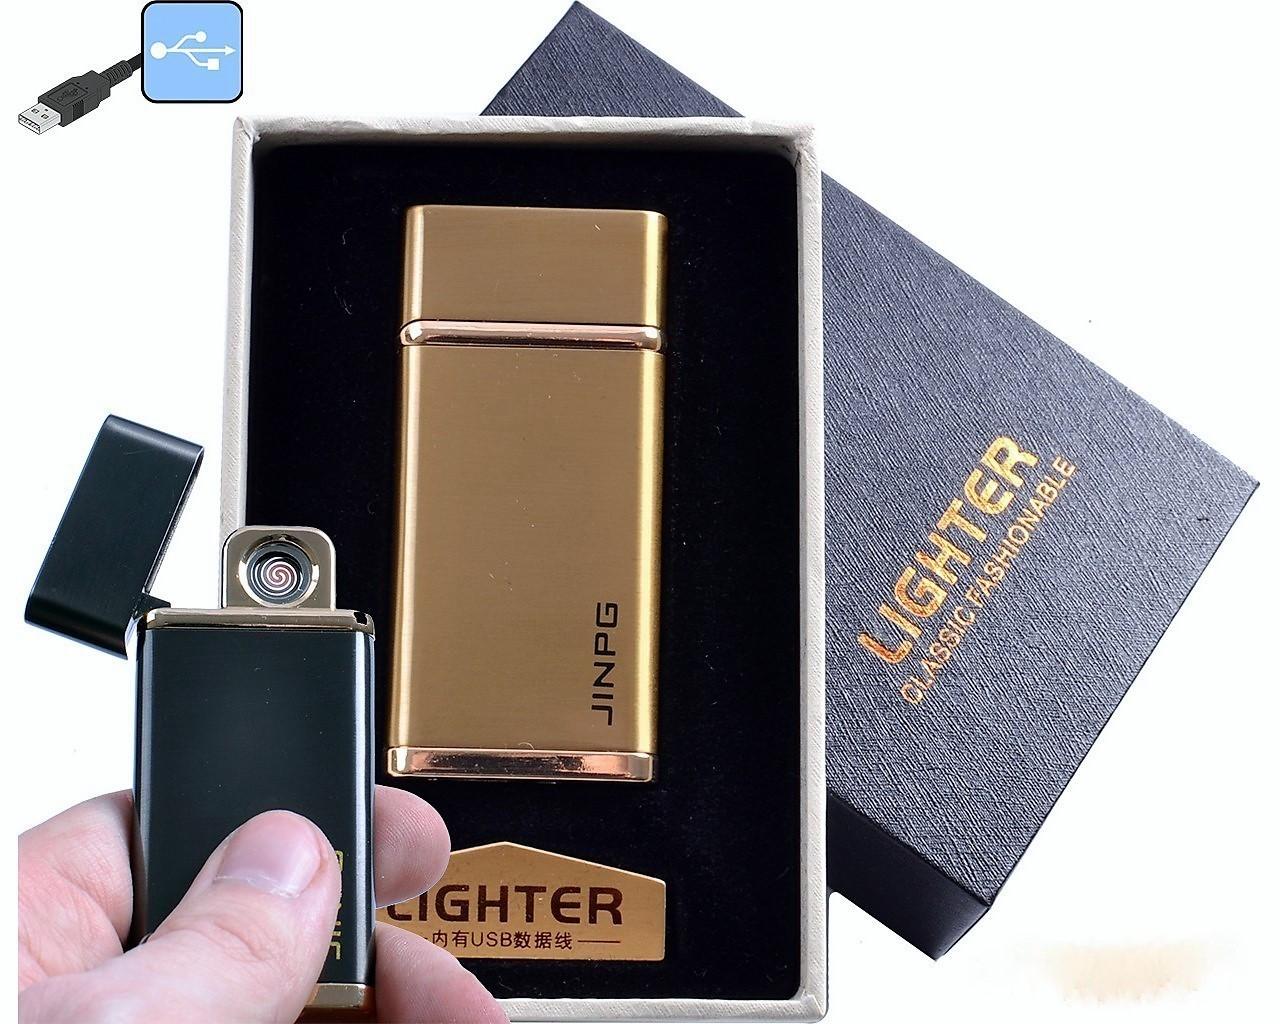 """Спиральная USB зажигалка """"Jinpg"""" №4786-2, в подарочной упаковке, практичный аксессуар, идея подарка другу"""